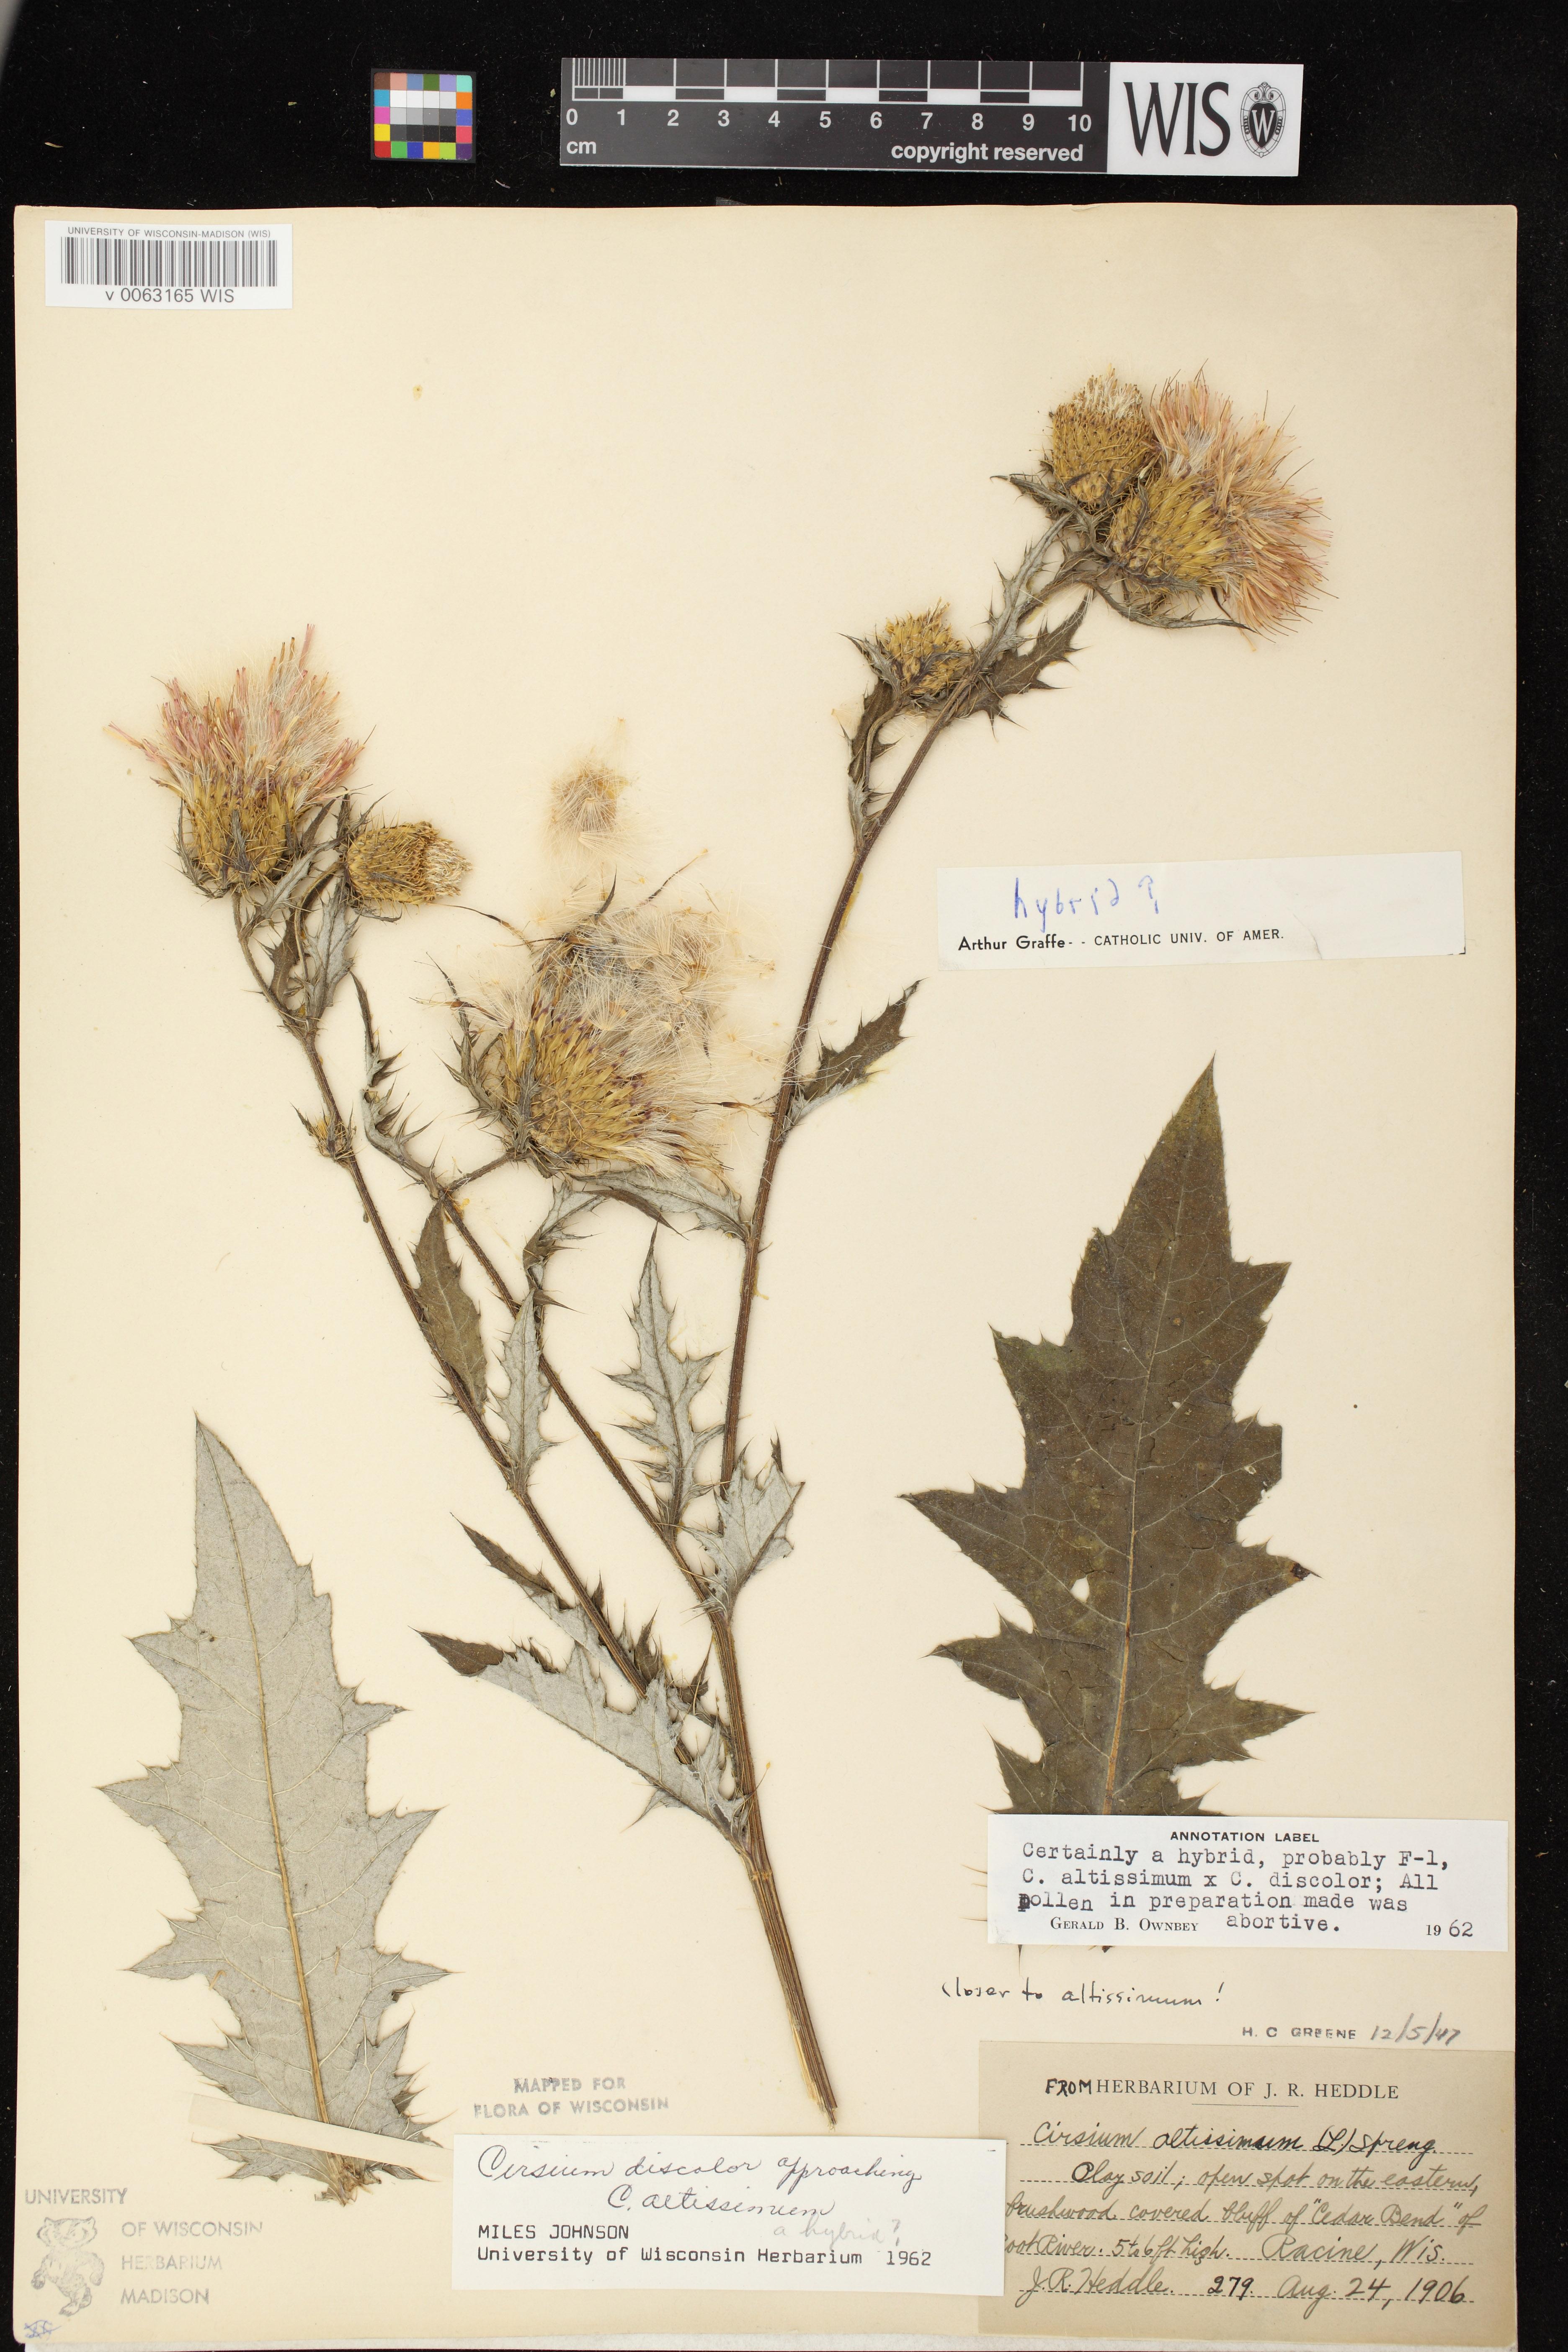 Image of Cirsium altissimum x c. discolor